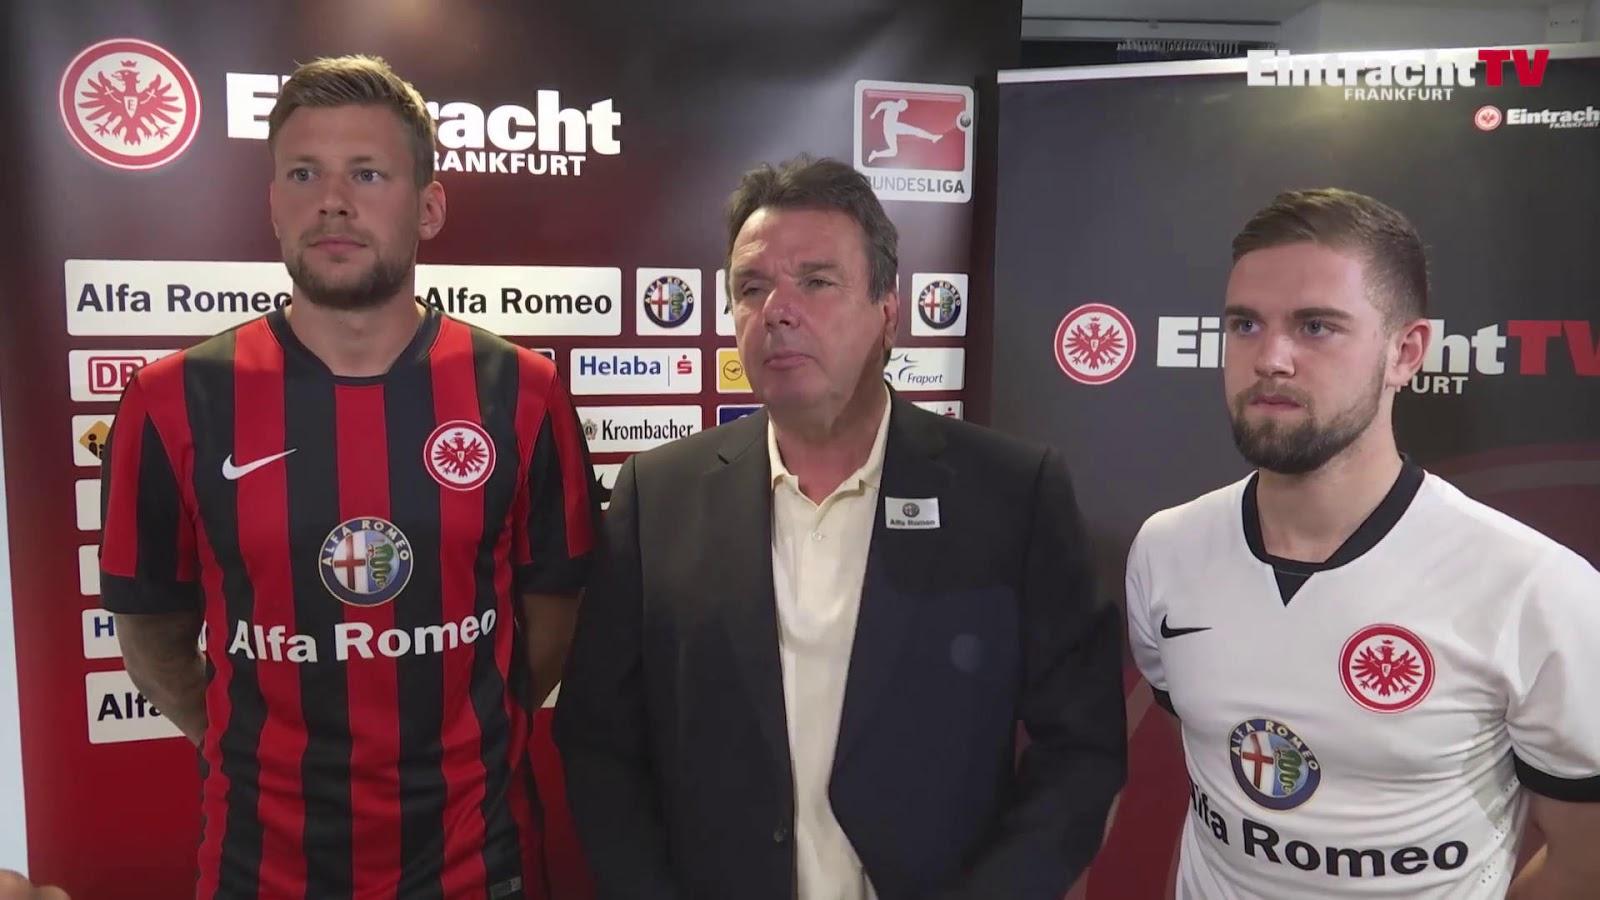 Eintracht-Frankfurt-14-15-Kits.jpg